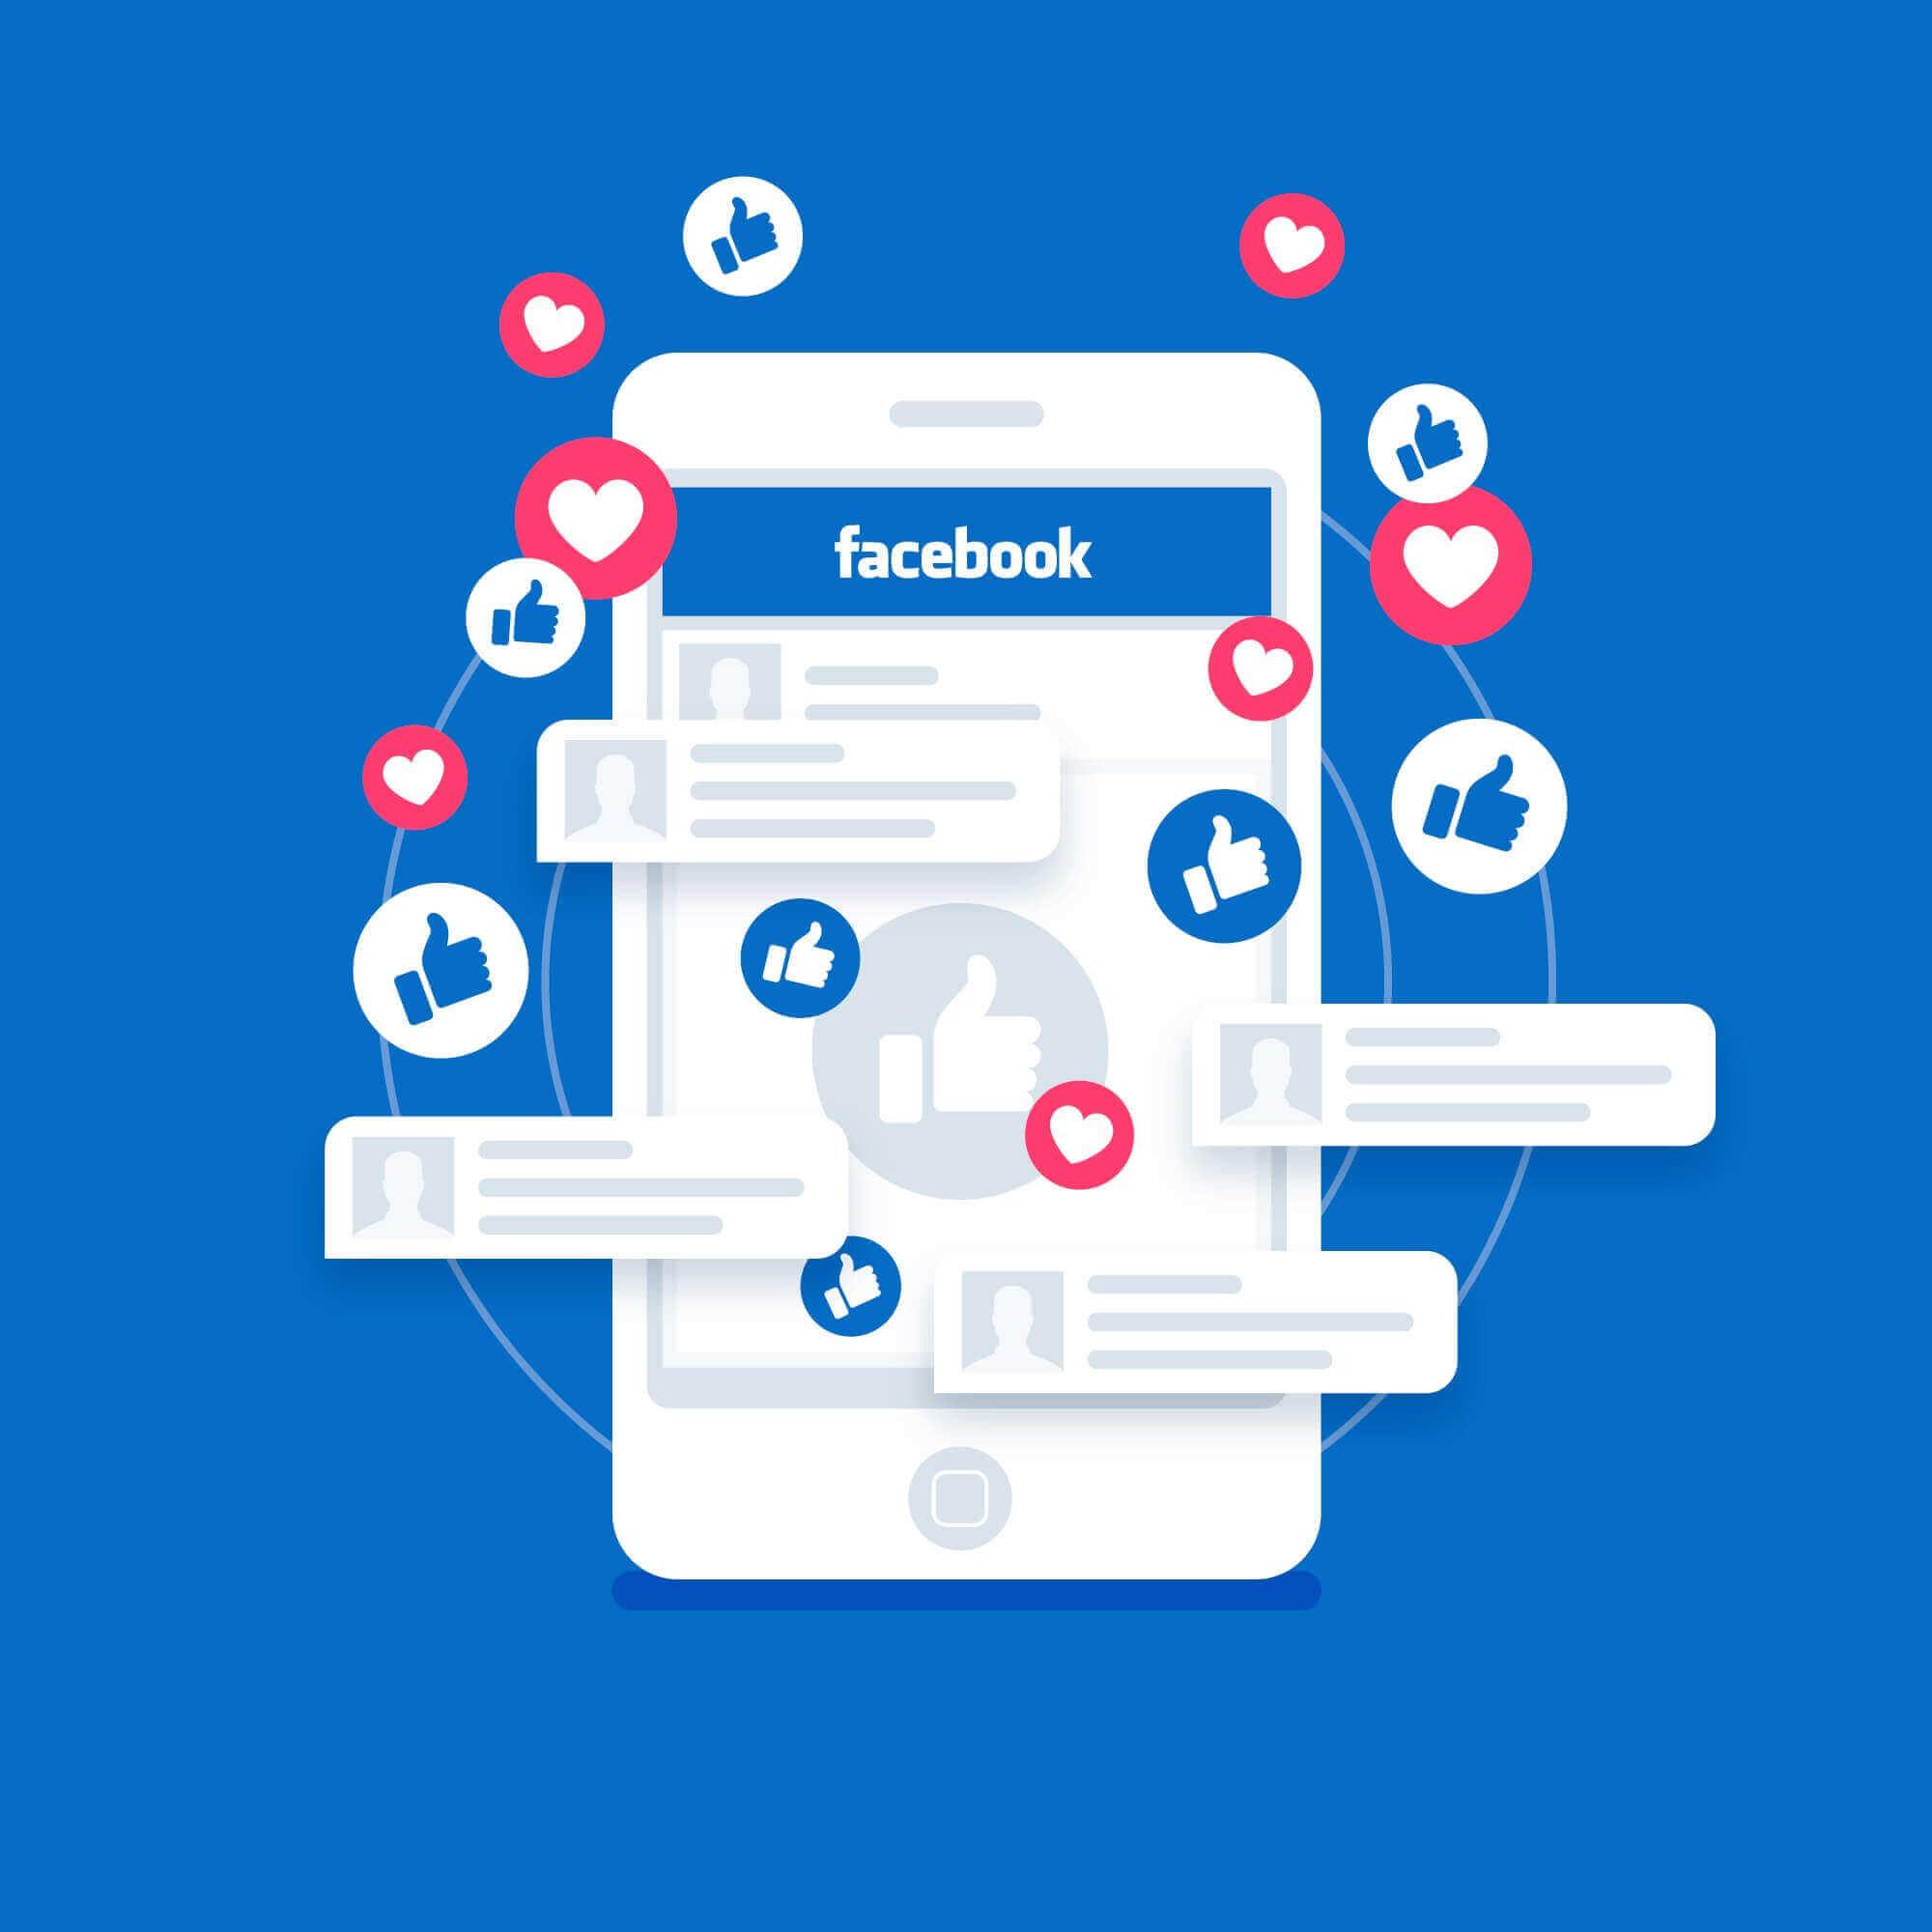 Facebook Marketing For Pool Builders, Pool Service Companies - Facebook Markting For Pool Franchises